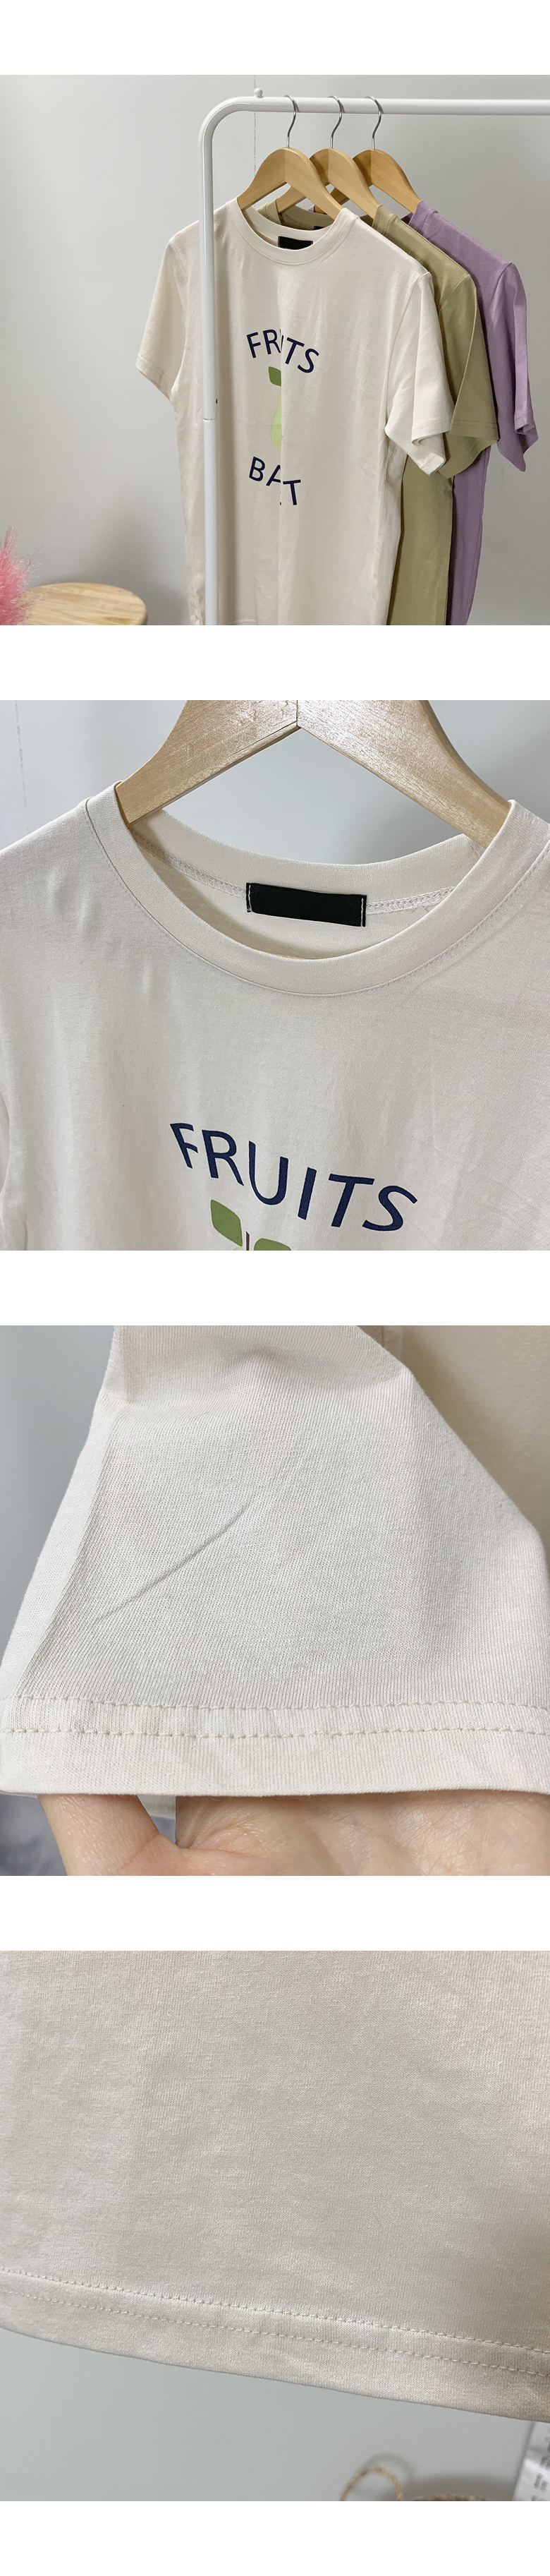 Fruit Rouge Printing Short Sleeve Tee